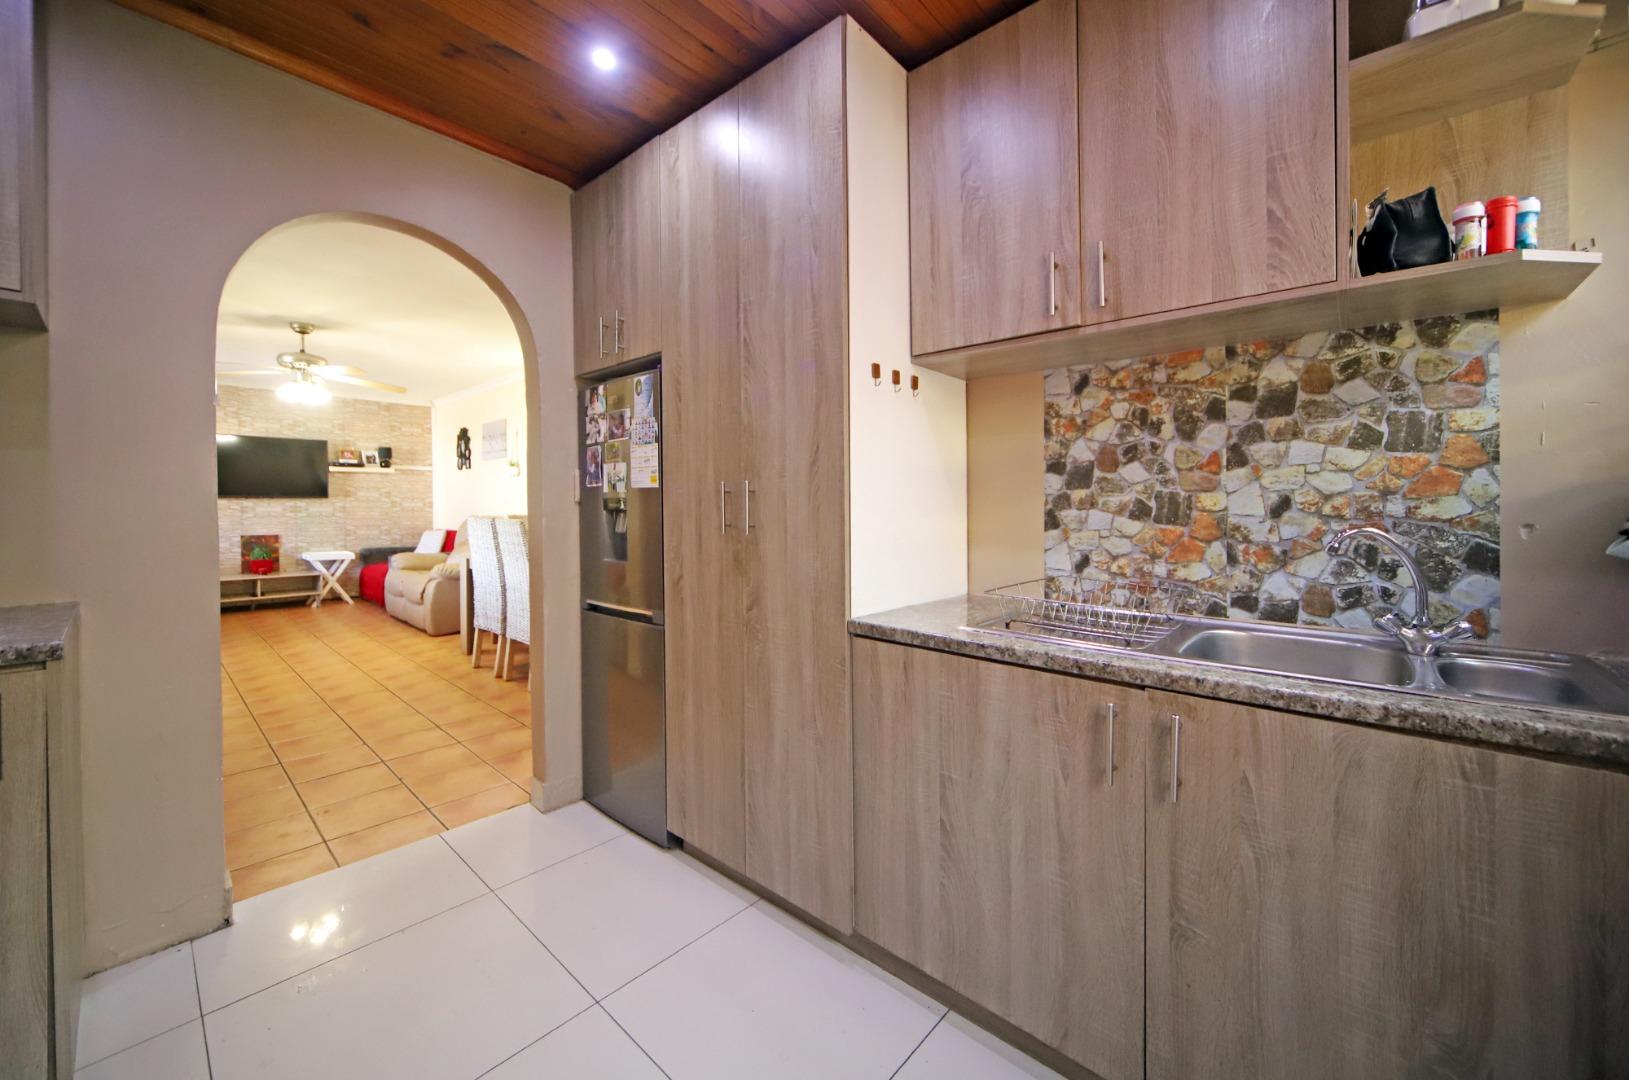 3 Bedroom House For Sale in Strandfontein Village